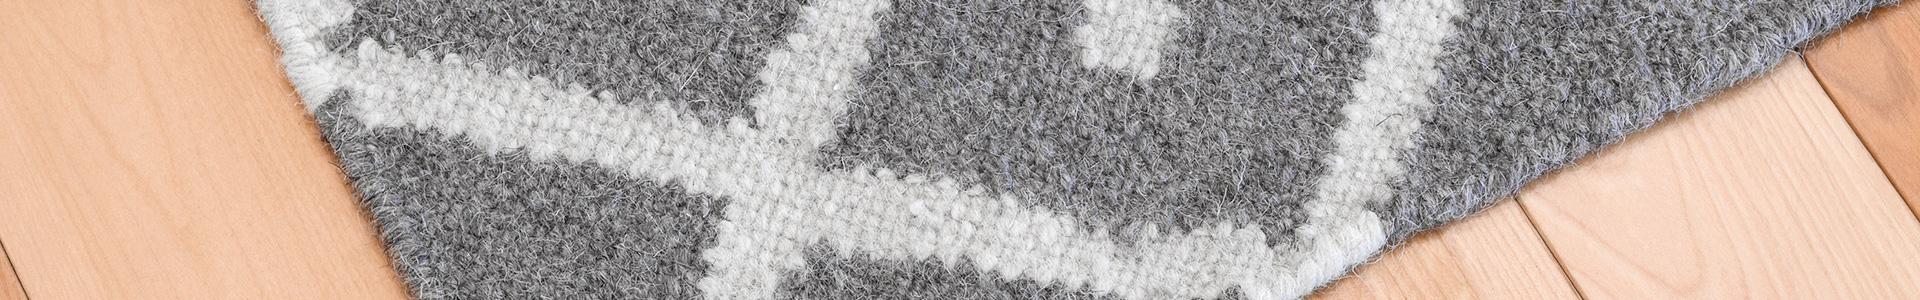 Nettoyage de tapis de laine